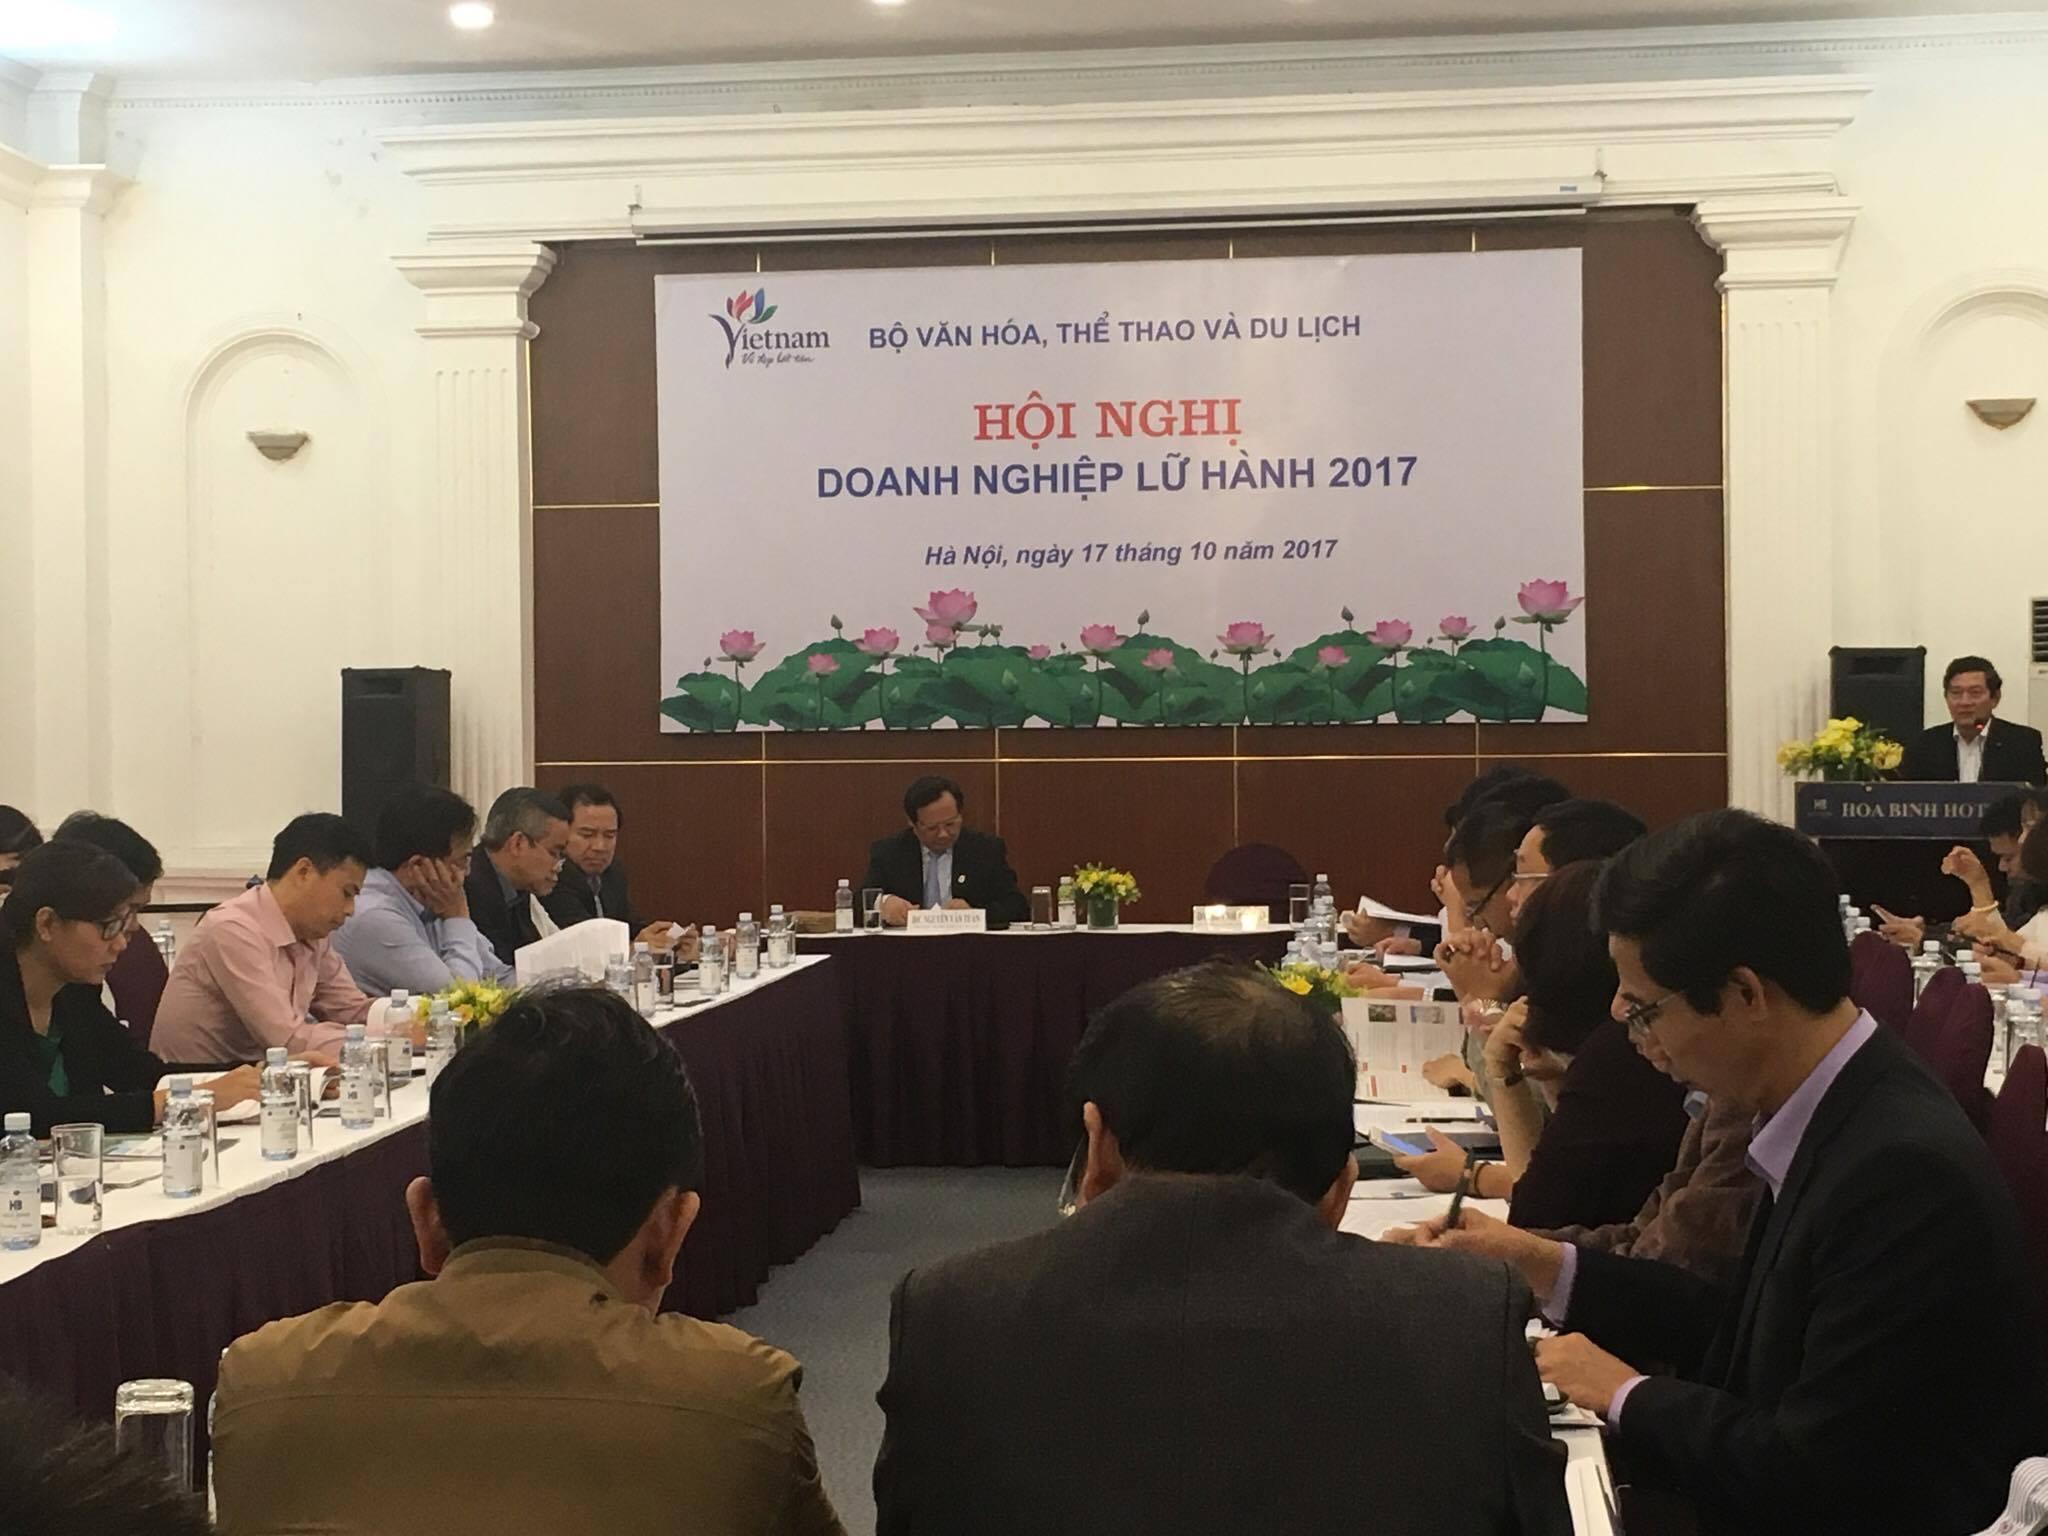 Hội nghị doanh nghiệp lữ hành 2017